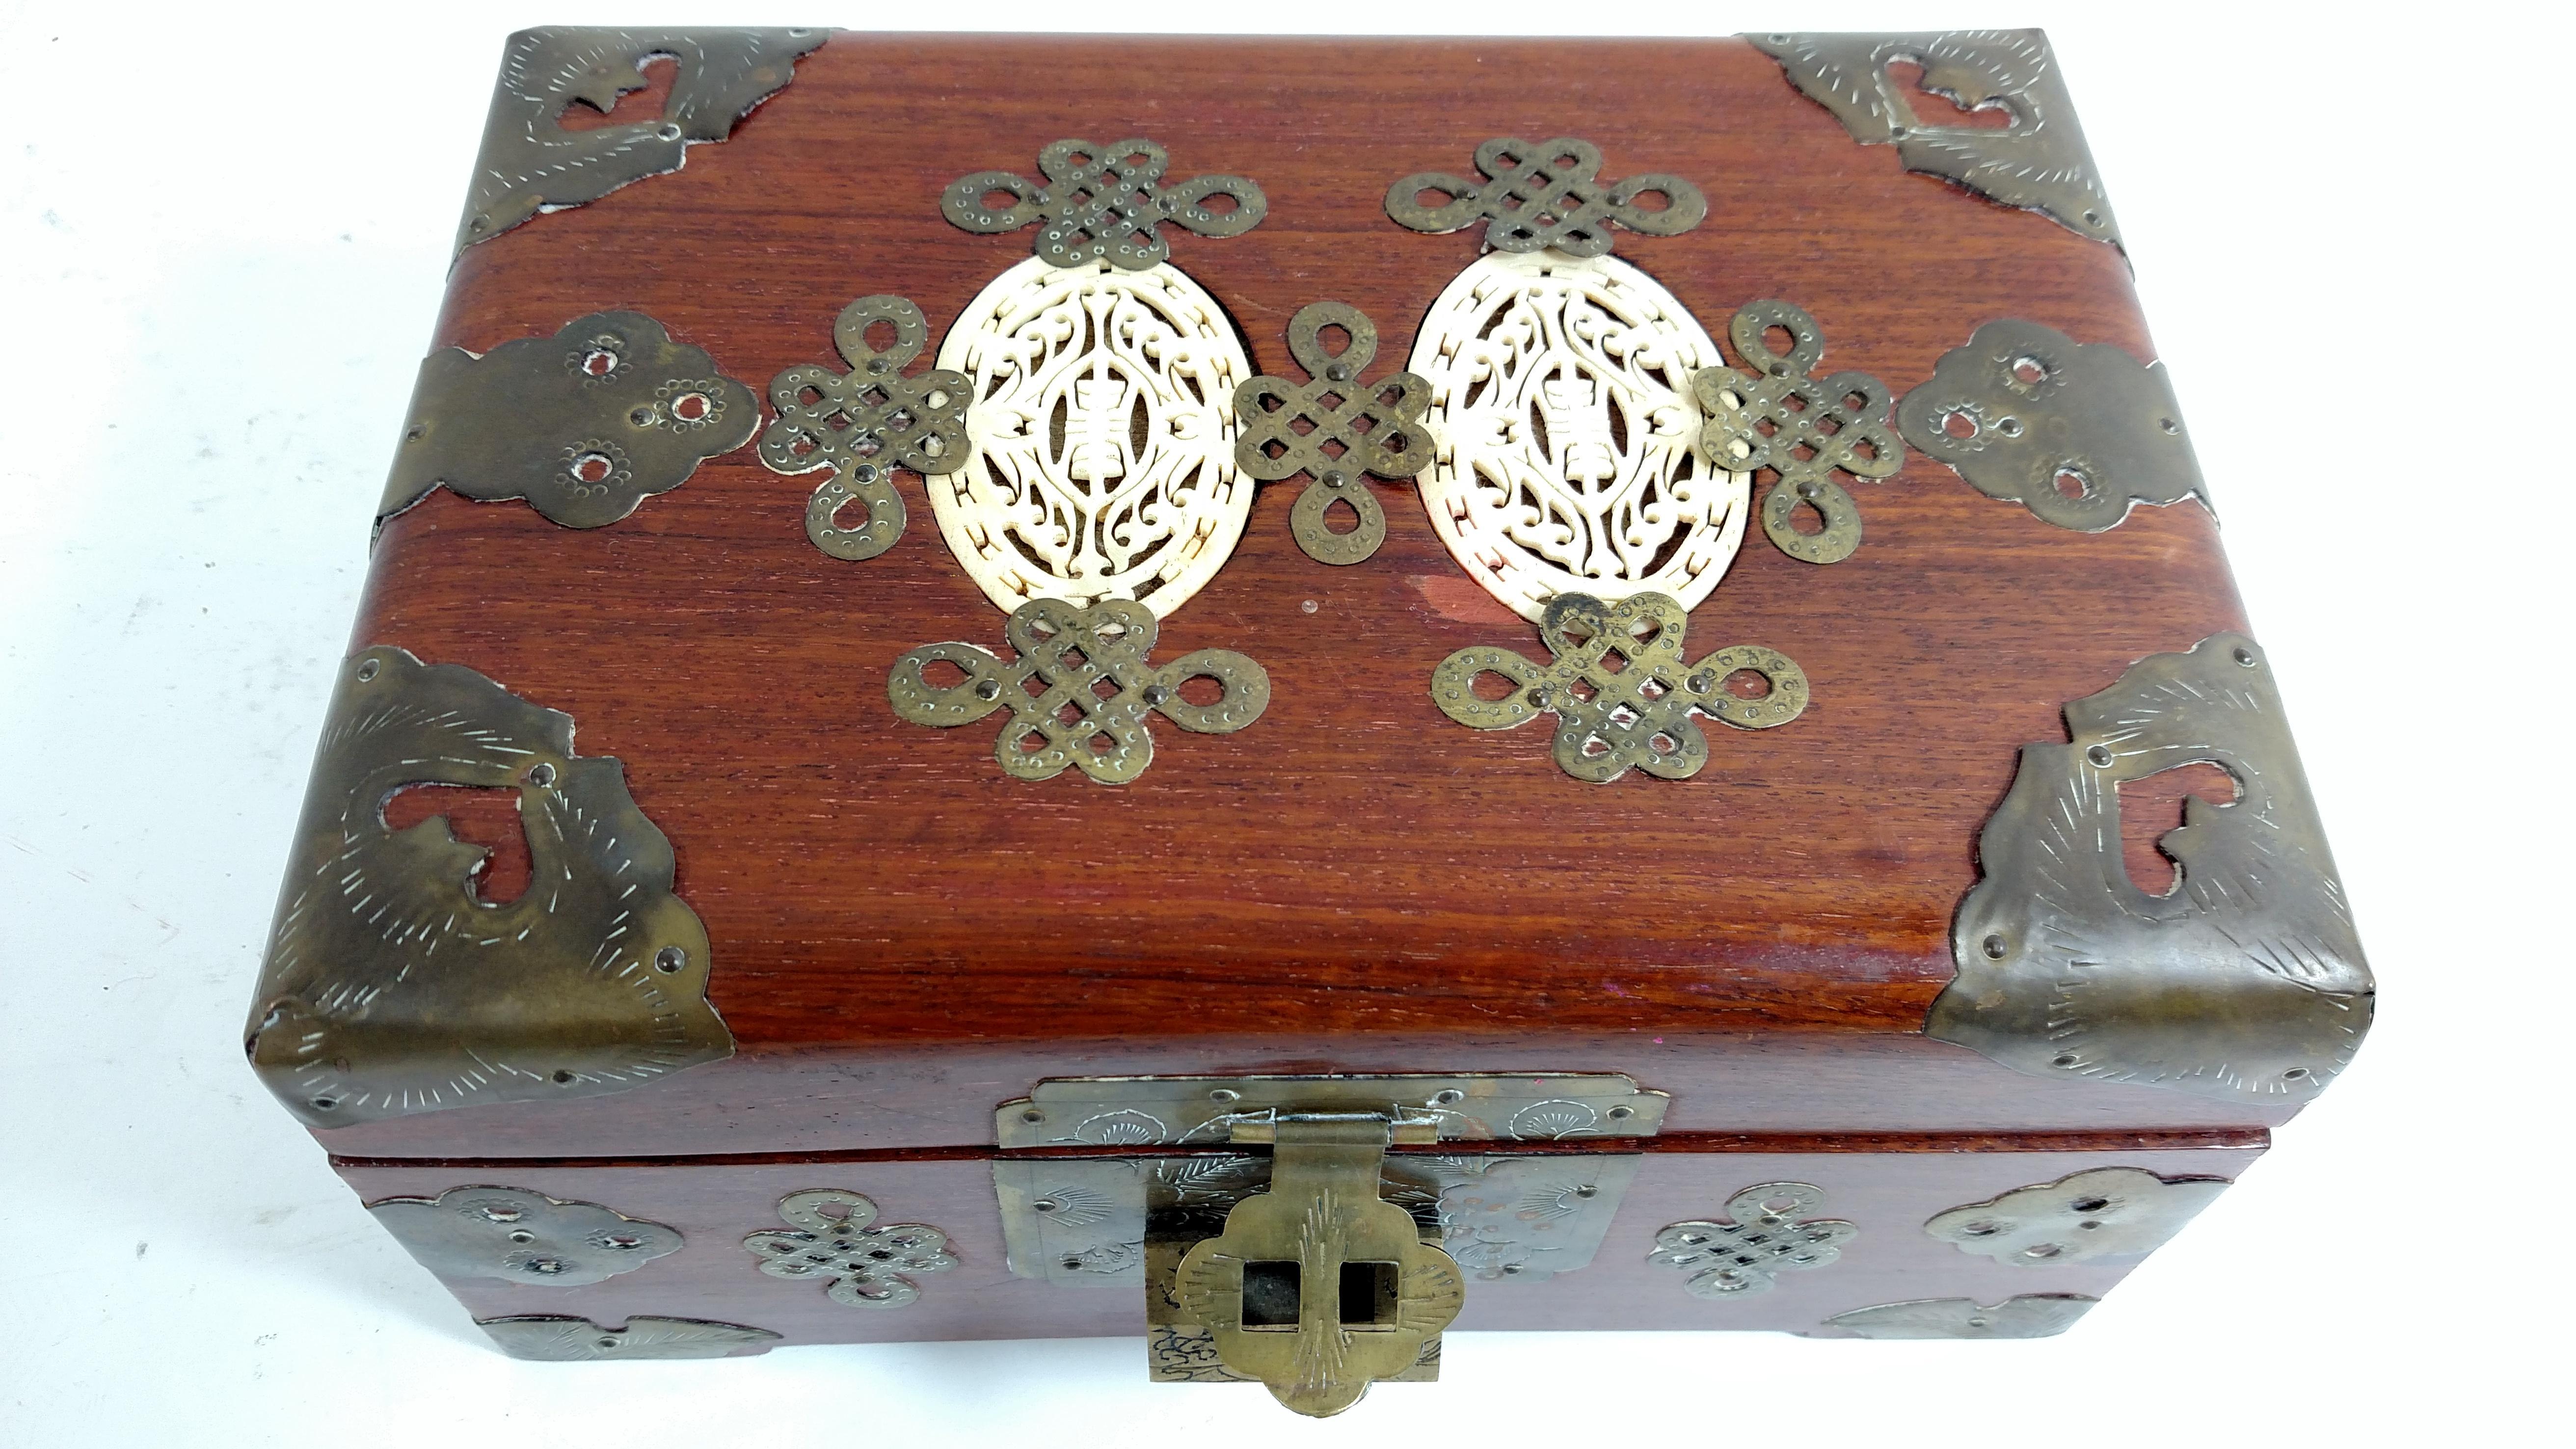 Vintage Chinese Jewelry Box Chairish